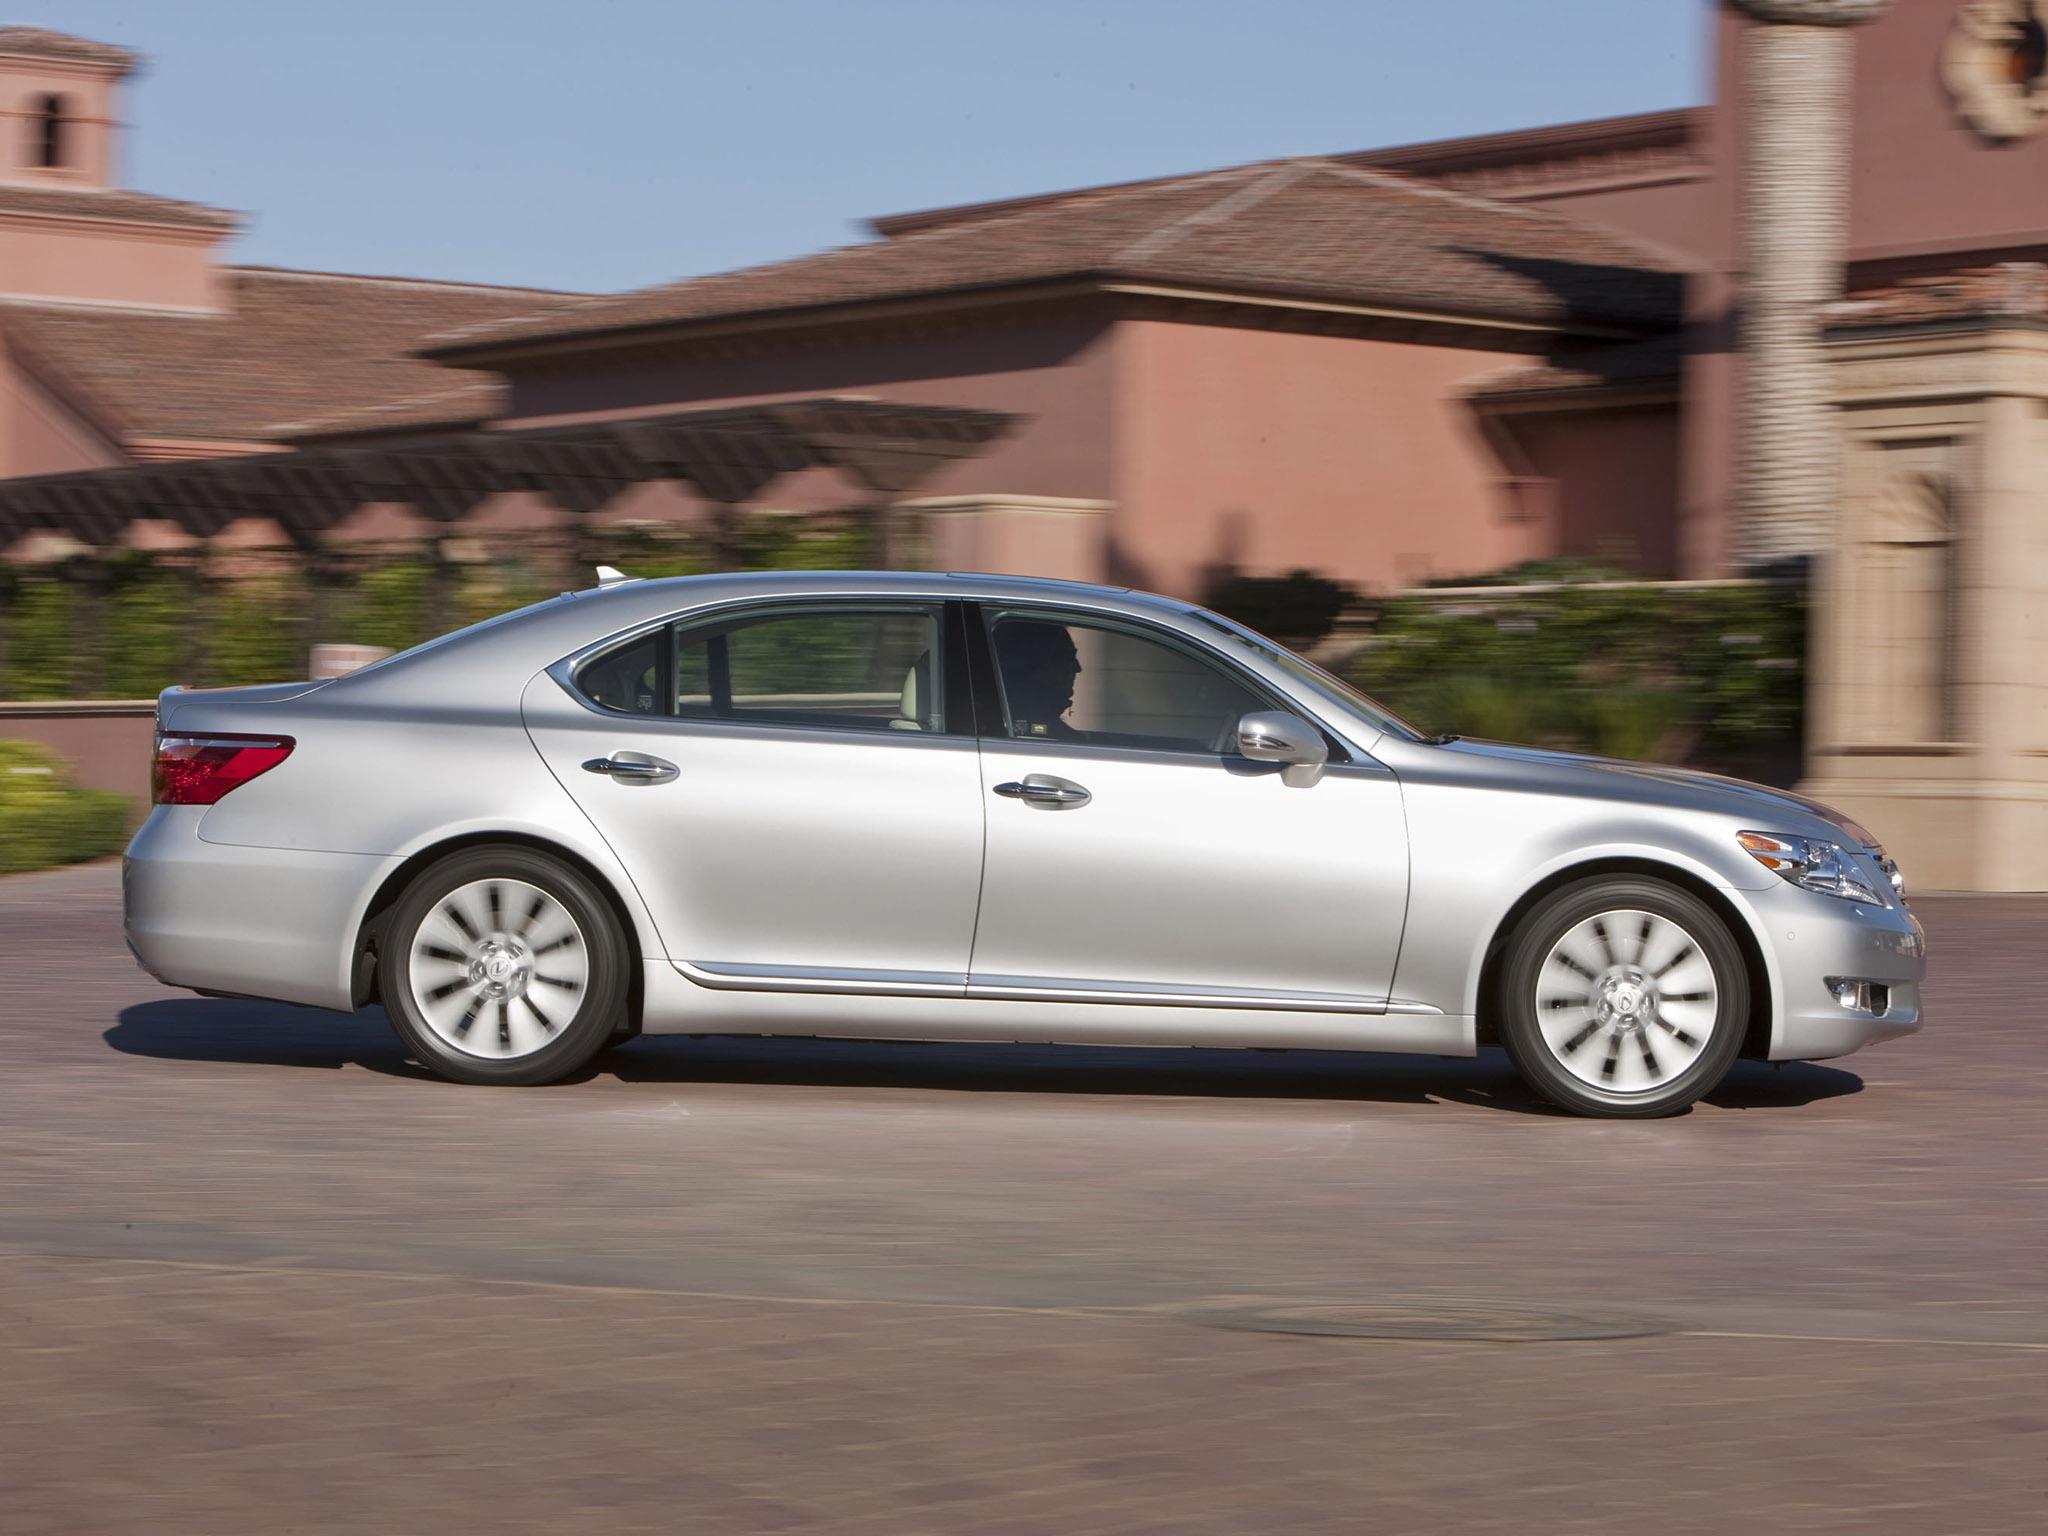 http://carinpicture.com/wp-content/uploads/2012/01/Lexus-LS-460-L-2010-Photo-03.jpg